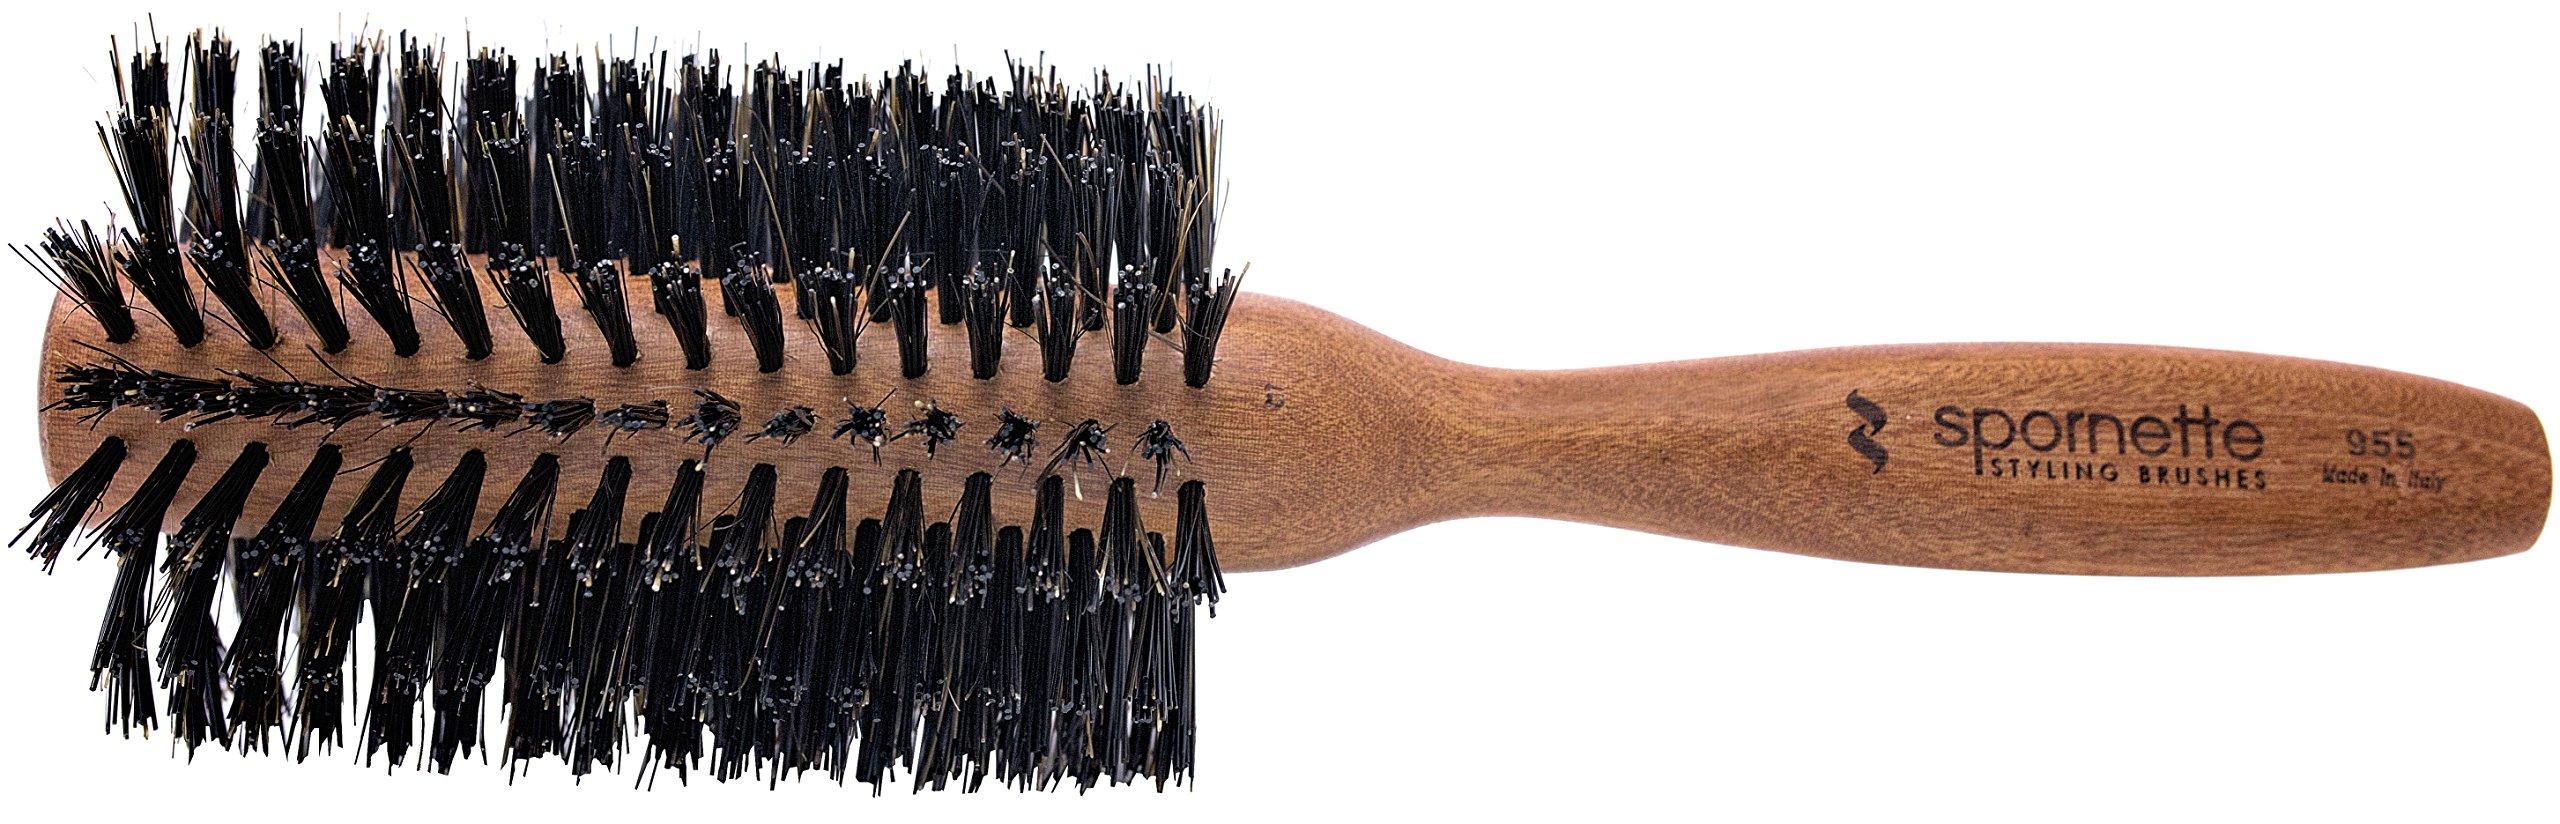 Amazon Spornette Italian 225 Inch Round Boar Bristle Brush